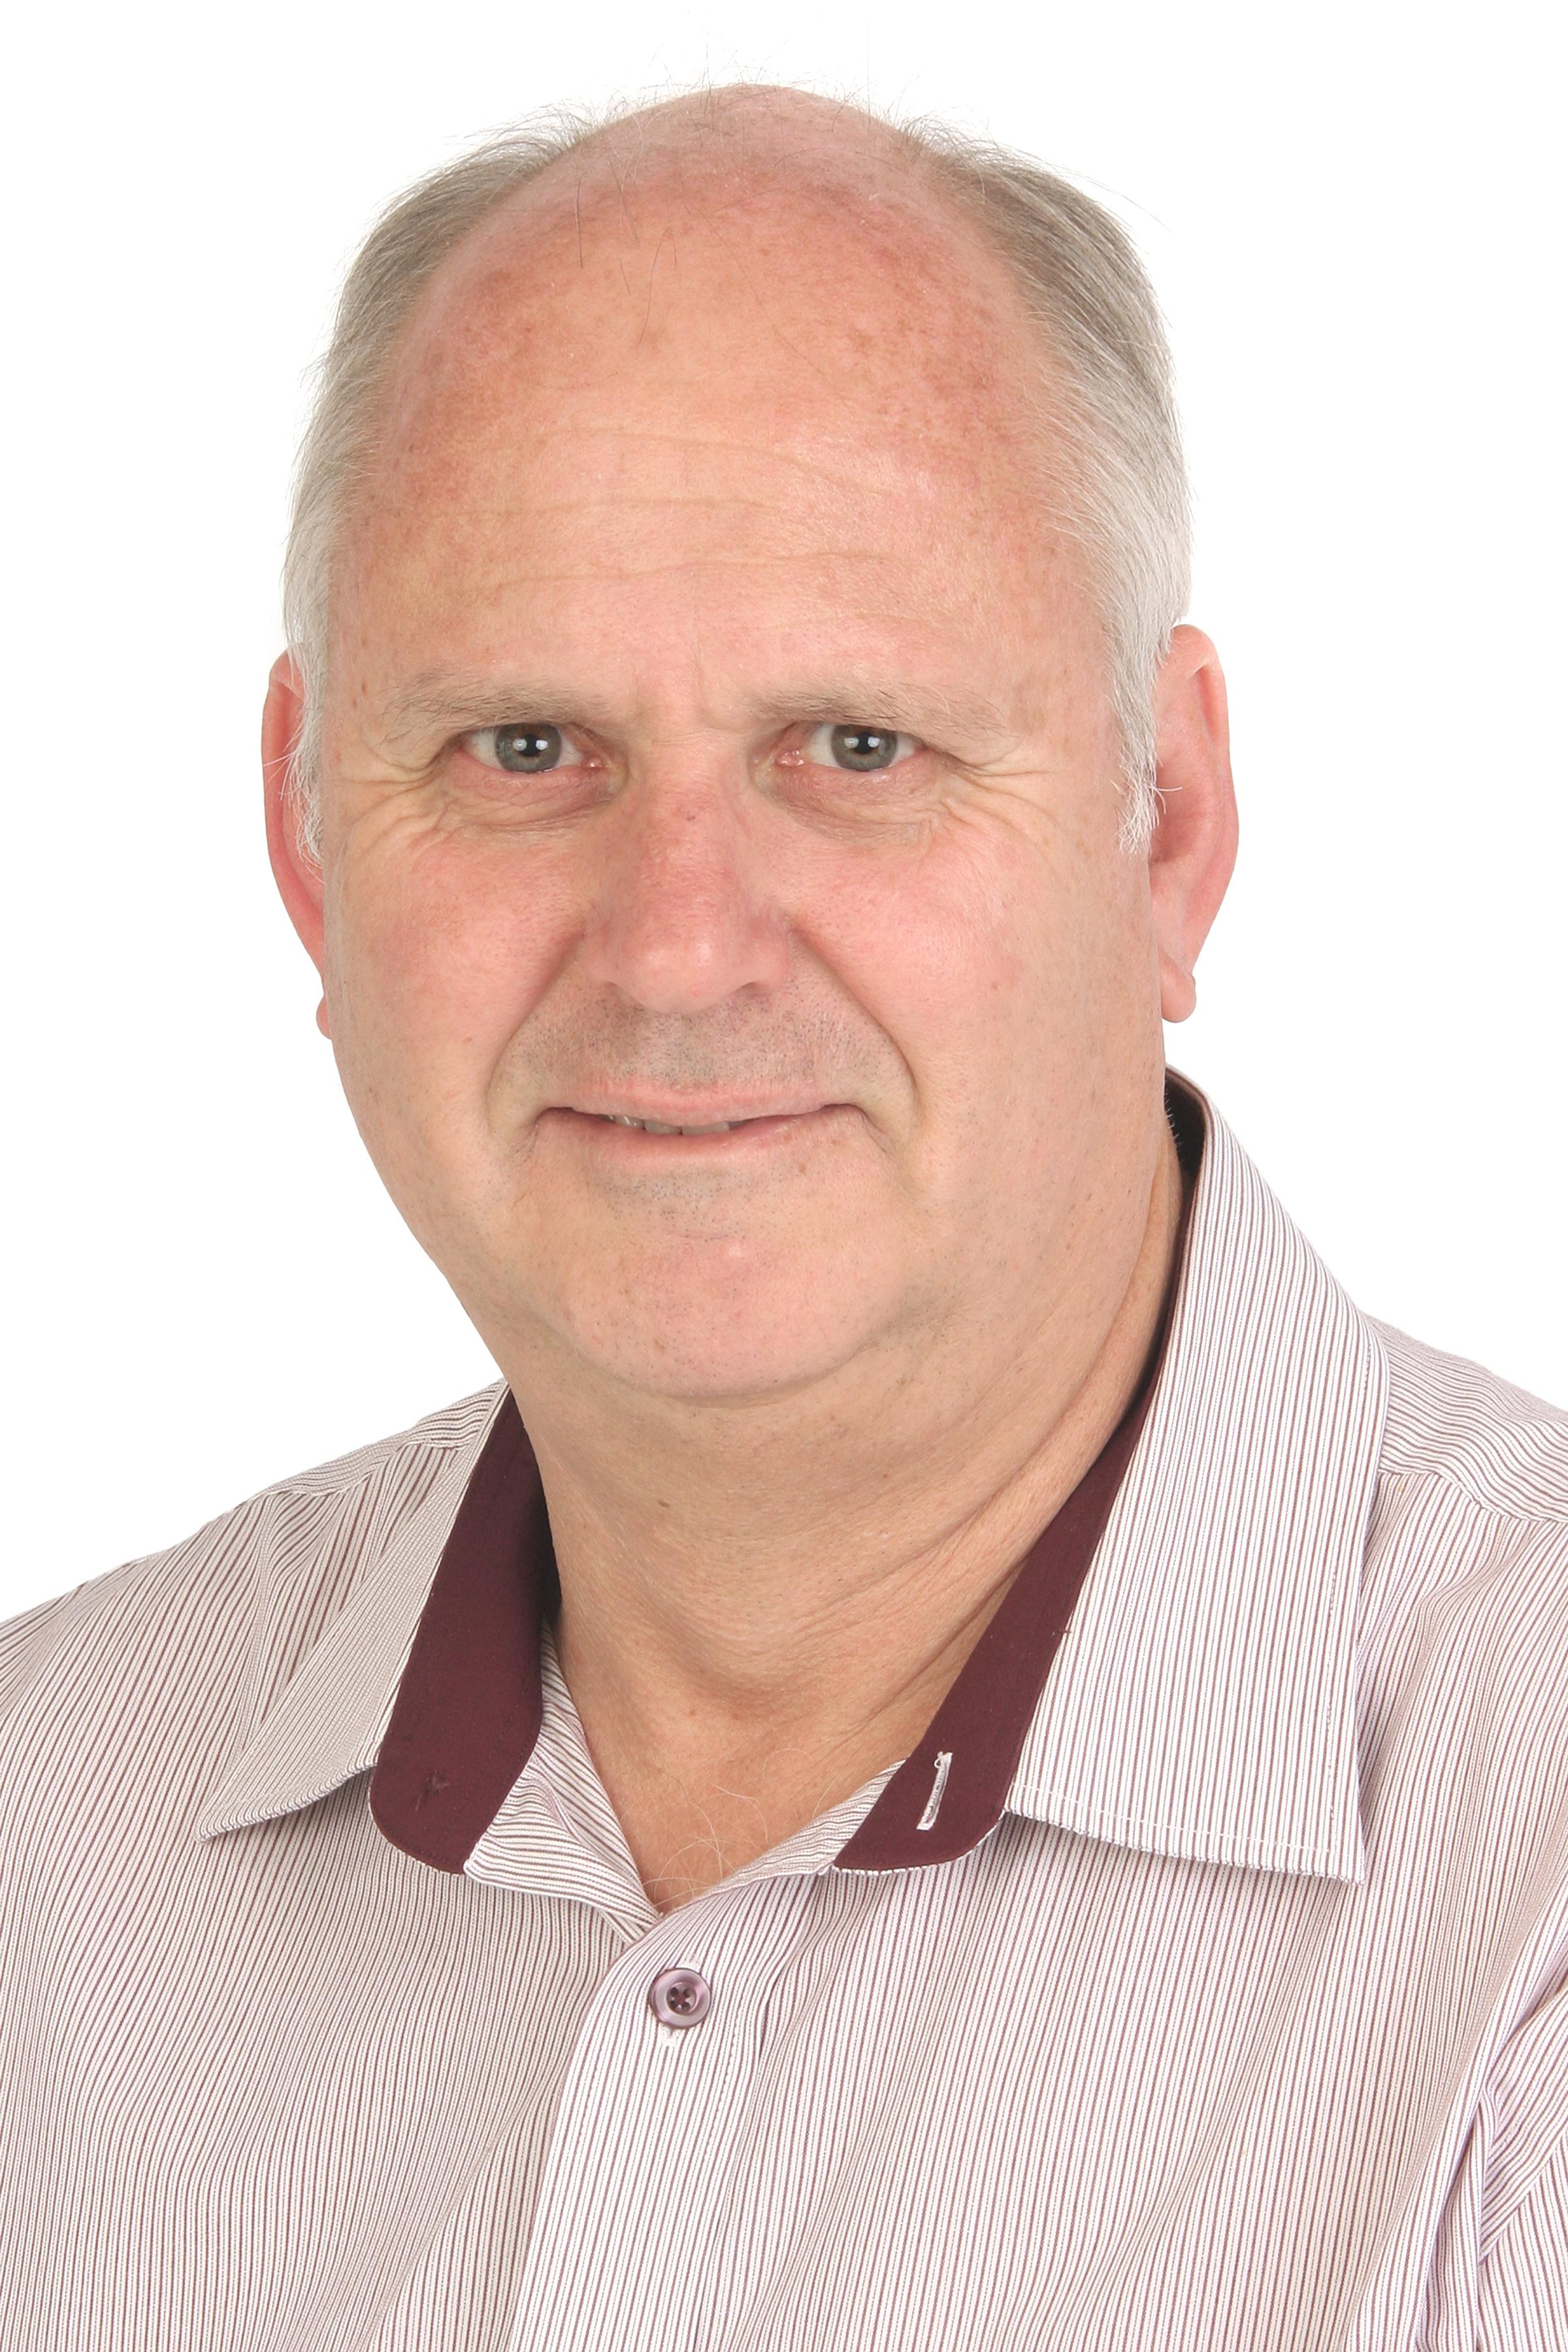 Gert van der Walt